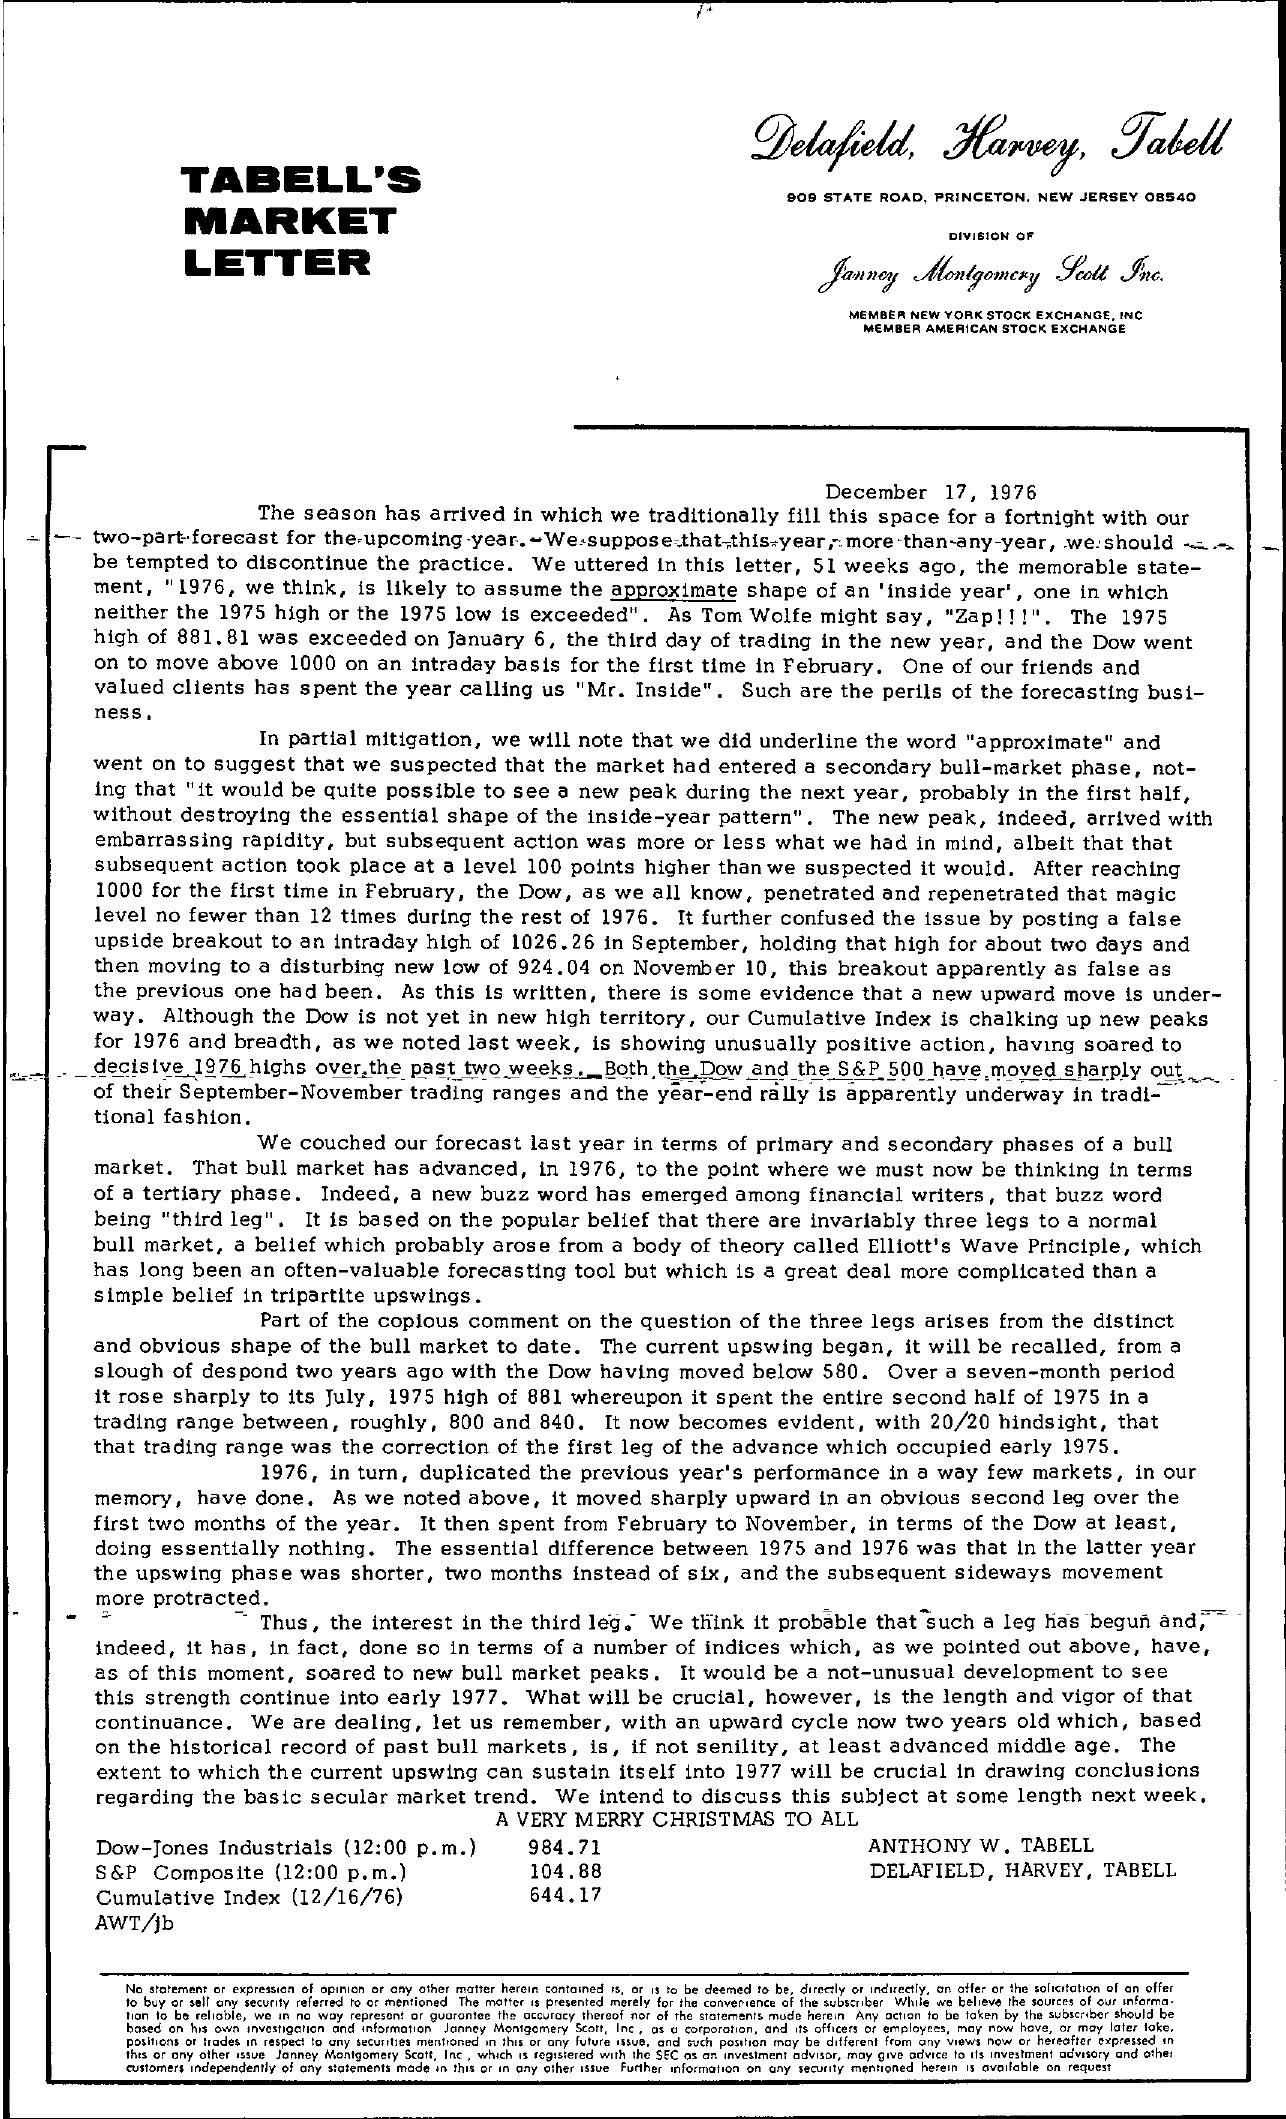 Tabell's Market Letter - December 17, 1976